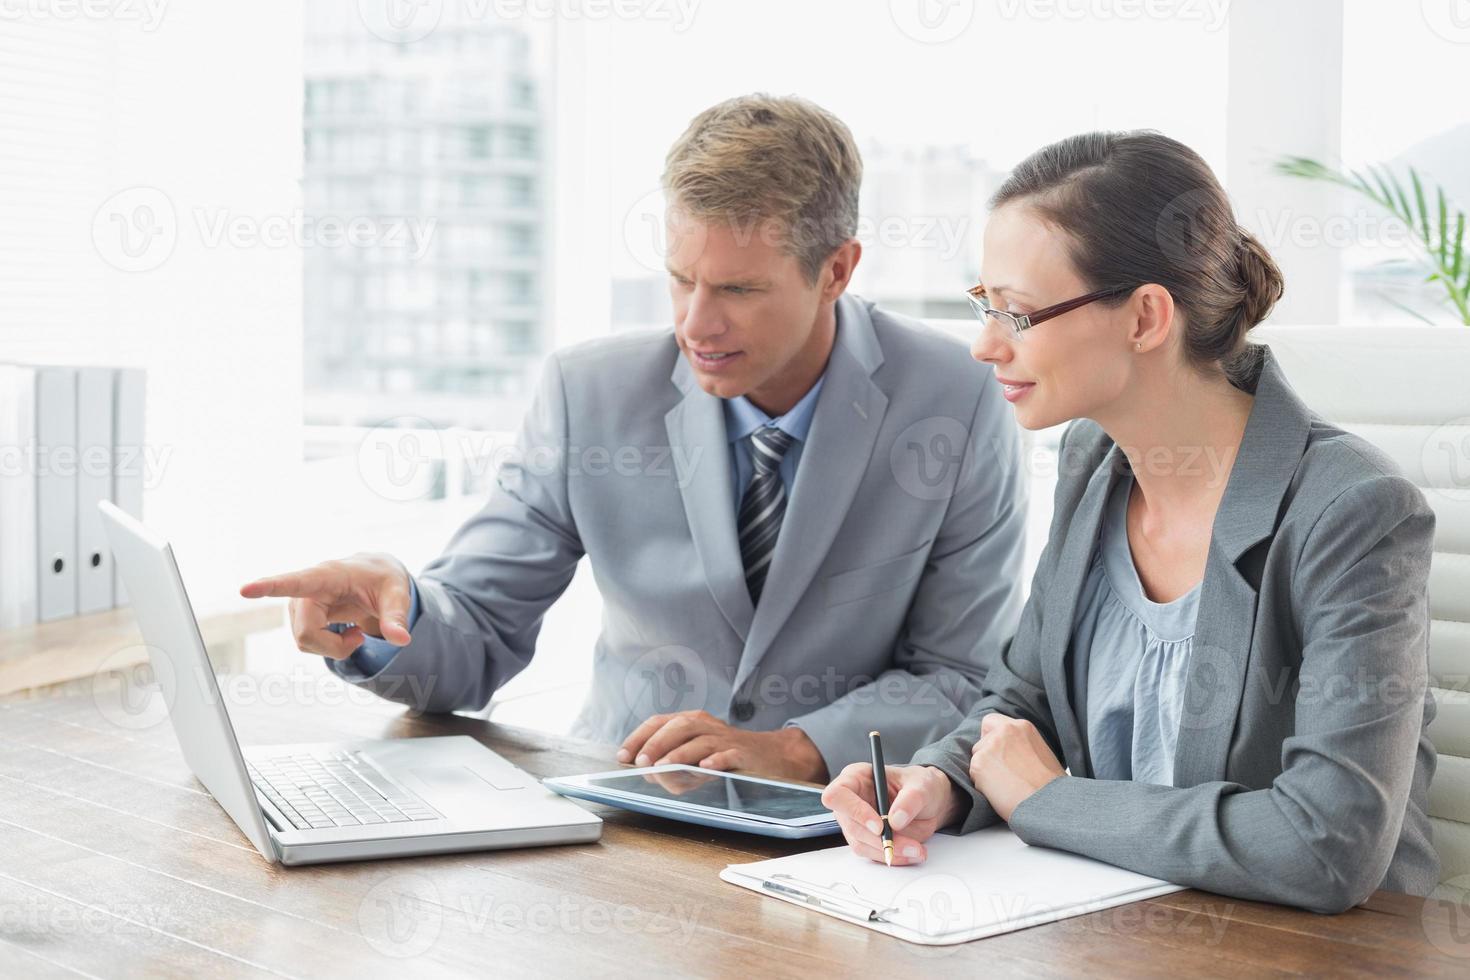 partenaires commerciaux travaillant ensemble photo